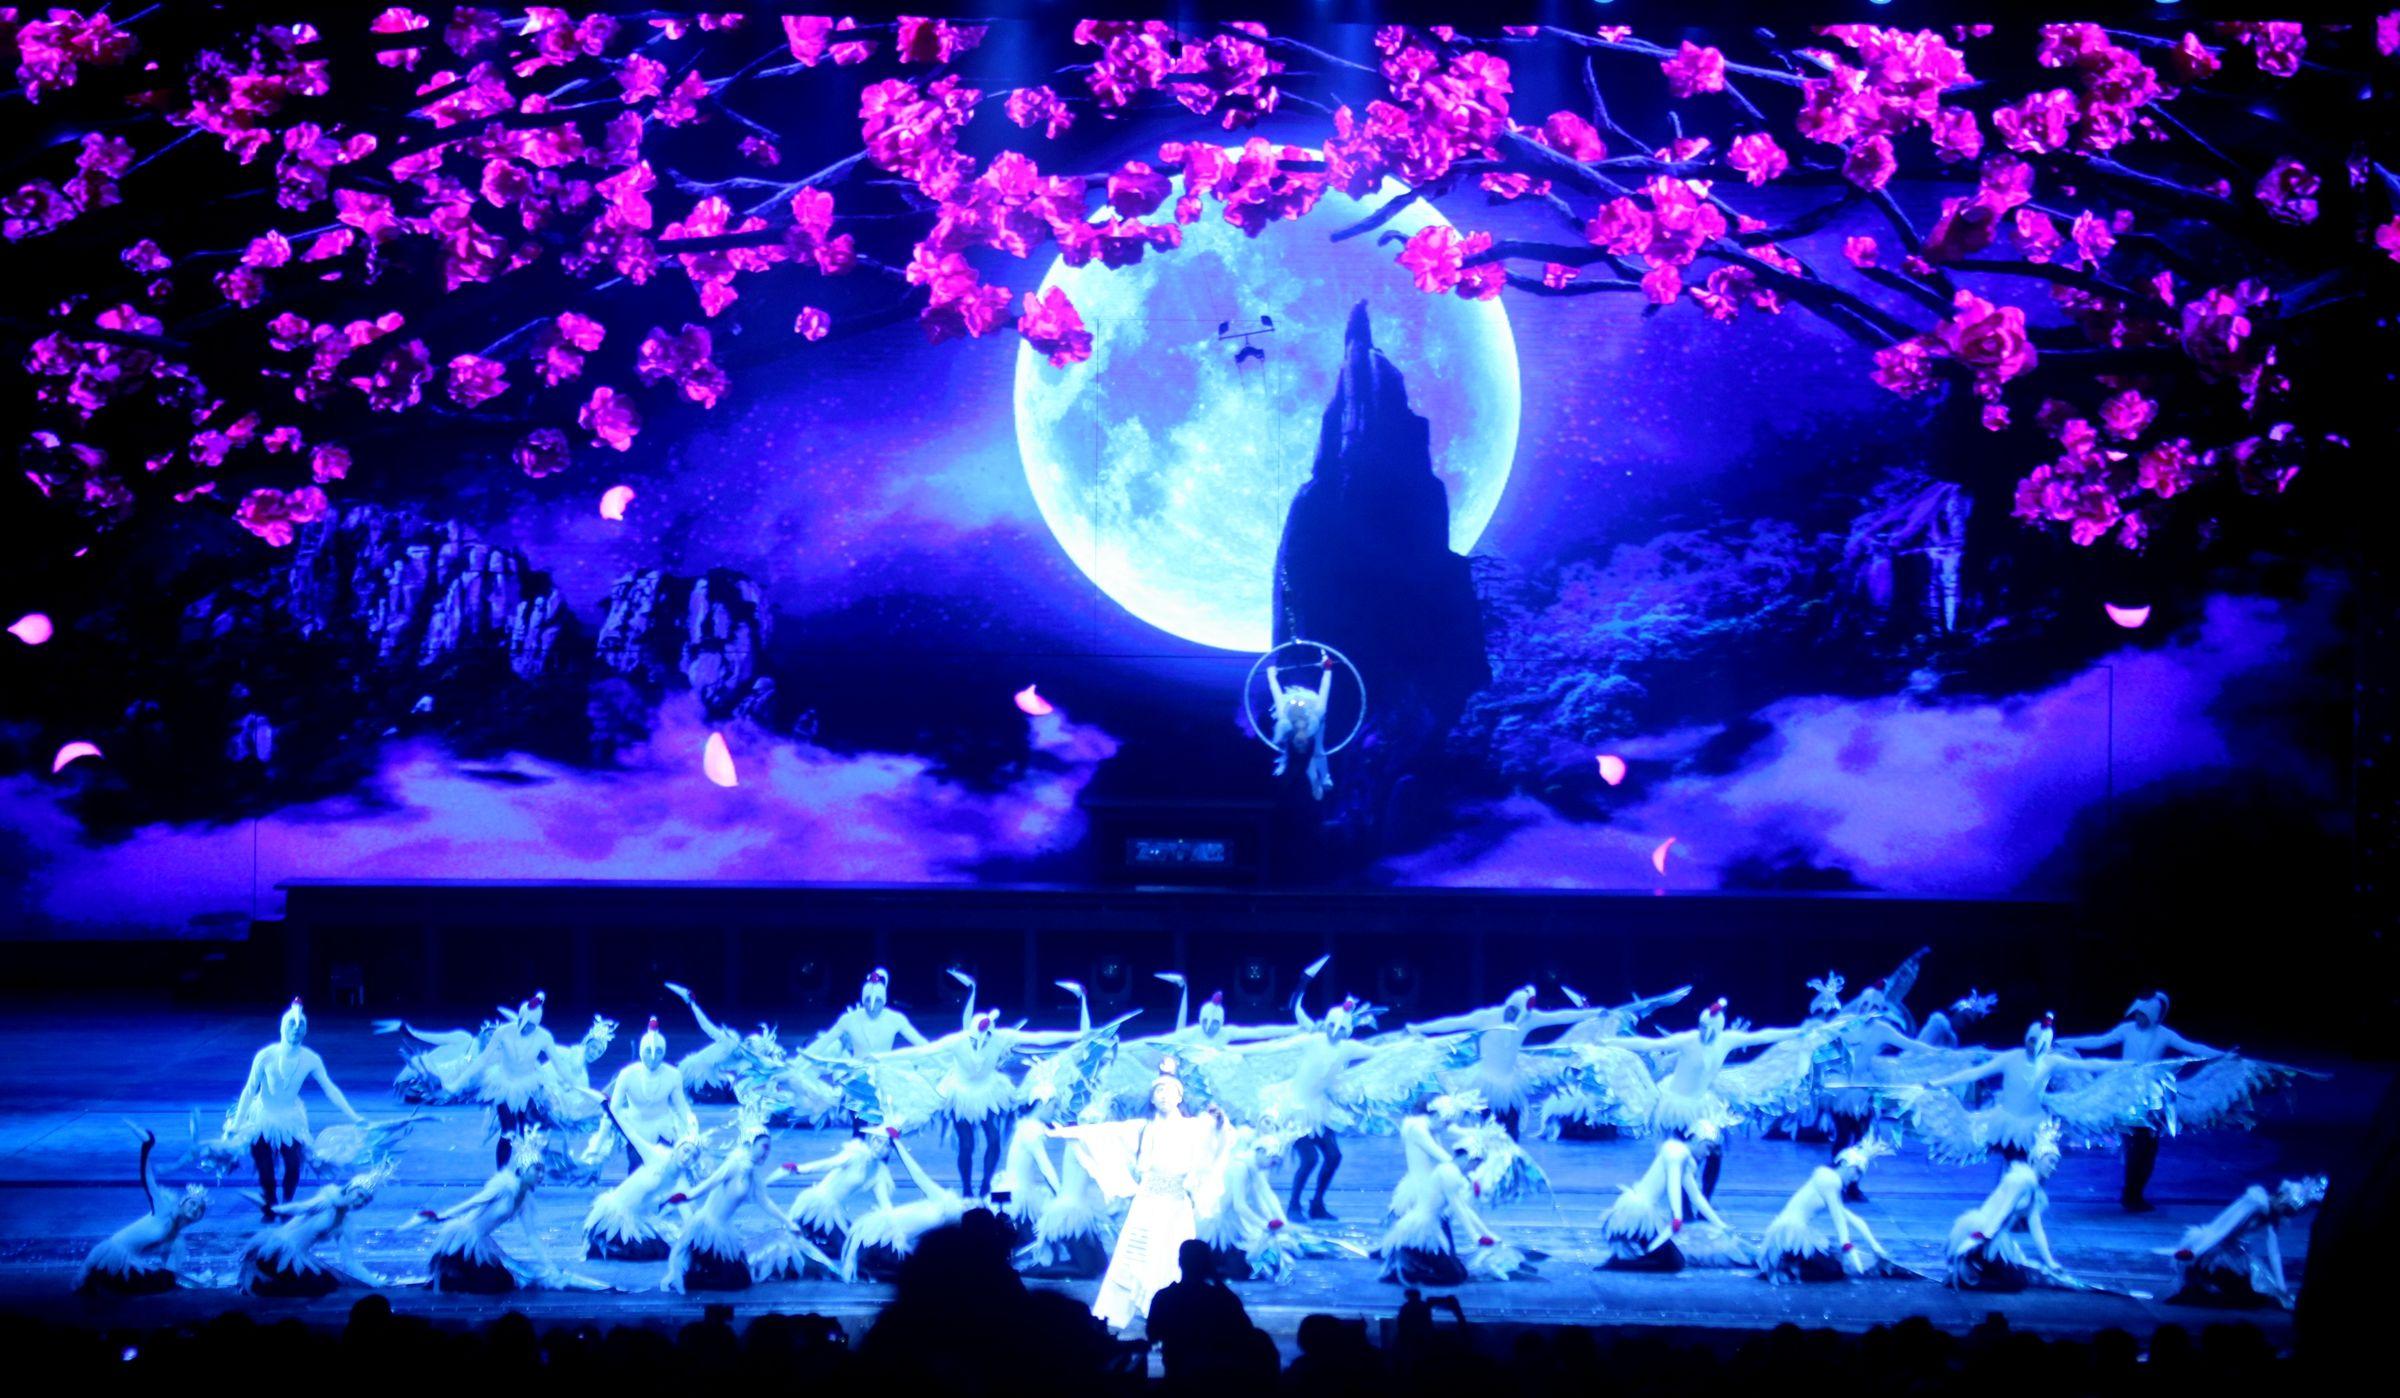 中国旅游日三清山《天下三清》首次震撼上演